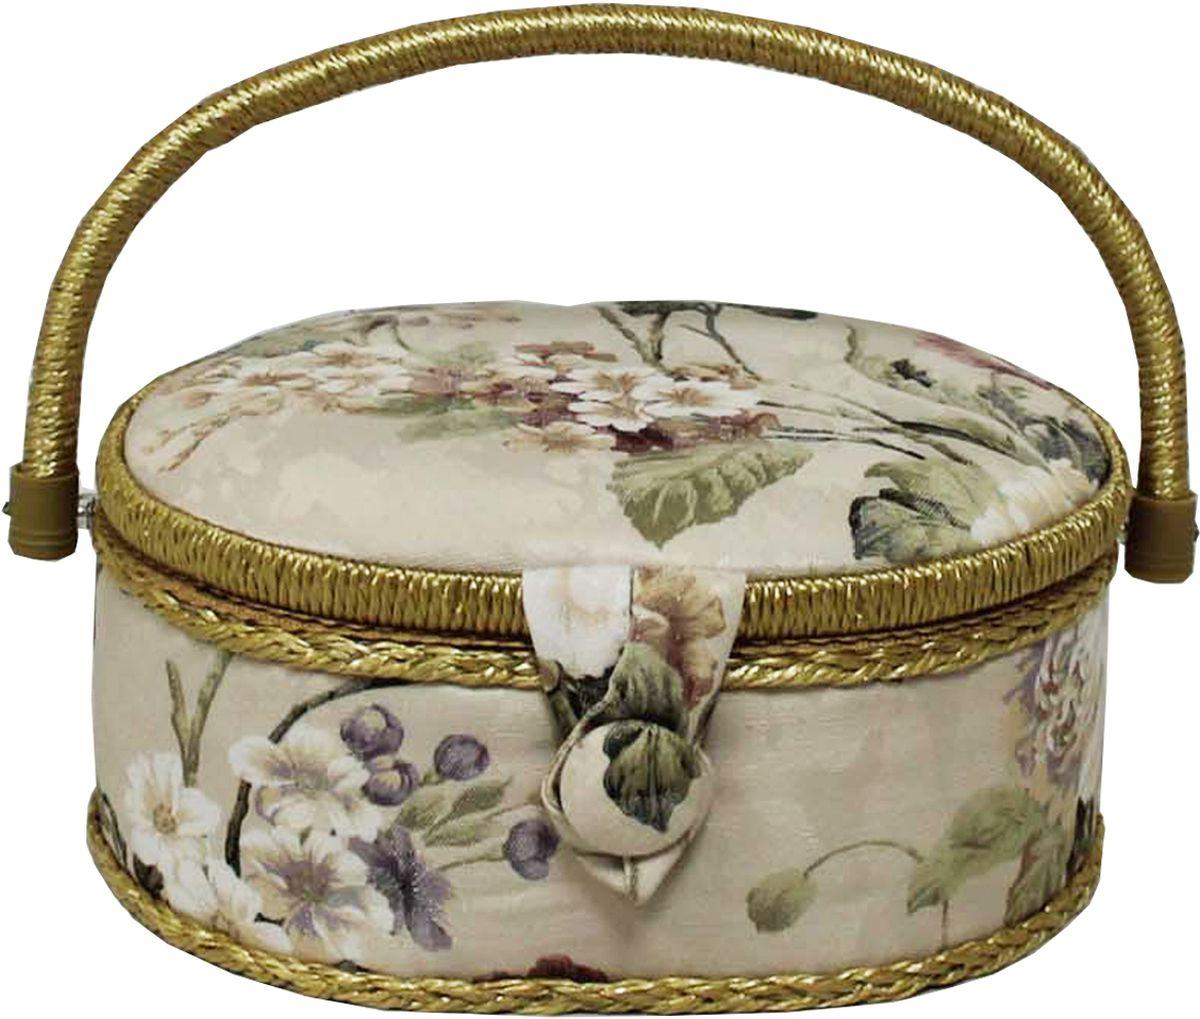 Шкатулка для рукоделия Grace & Glamour, 18 х 23 х 11 см. BN4726BN4726Гобеленовая шкатулка из коллекции Версаль выполнена с использованием натуральных материалов: каркас из дерева обтянут дизайнерской тканью (100% хлопок) с мягким наполнителем. Внутри шкатулка отделана искусственным шелком, имеется кармашек на резинке и шелковая игольница с двумя булавками. Шкатулка оснащена пластиковым вкладышем с 4 отсеками для мелочей. Ручка и края отделаны натуральным ротангом, который не только украшает шкатулку, но и оберегает края. Шкатулка поможет рукодельнице сорганизовать свое рабочее место, а значит, сократить время на создание своего творения. А кроме того, украсит любой интерьер и будет радовать свою обладательницу долгие годы благодаря качественному исполнению и материалам. Прекрасный подарок любой женщине!Размер вкладыша: 20,5х15х3 см.